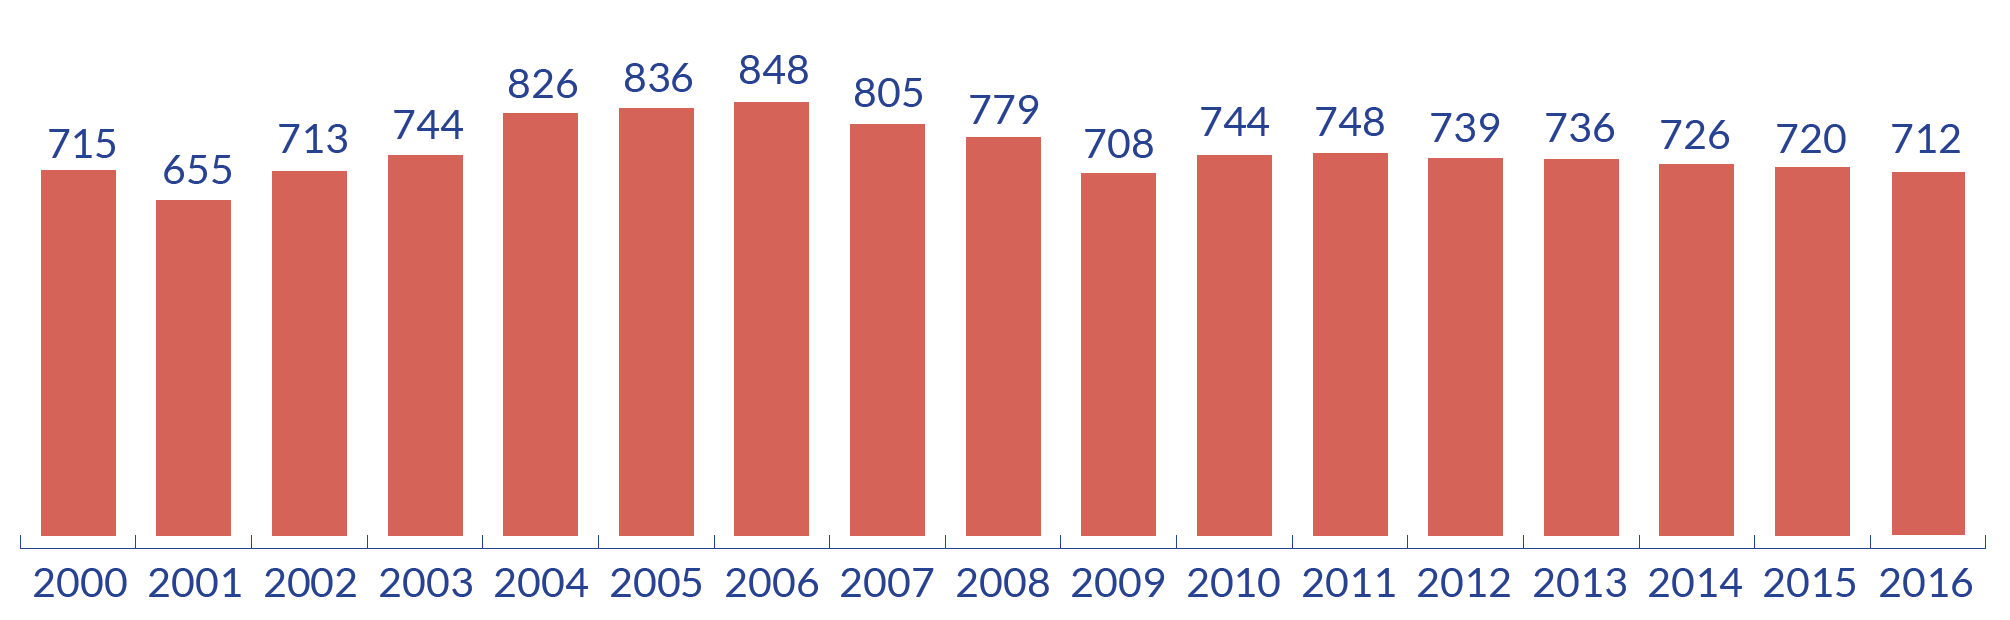 Recettes publicitaires nettes de la radio (millions d'euros) © IREP